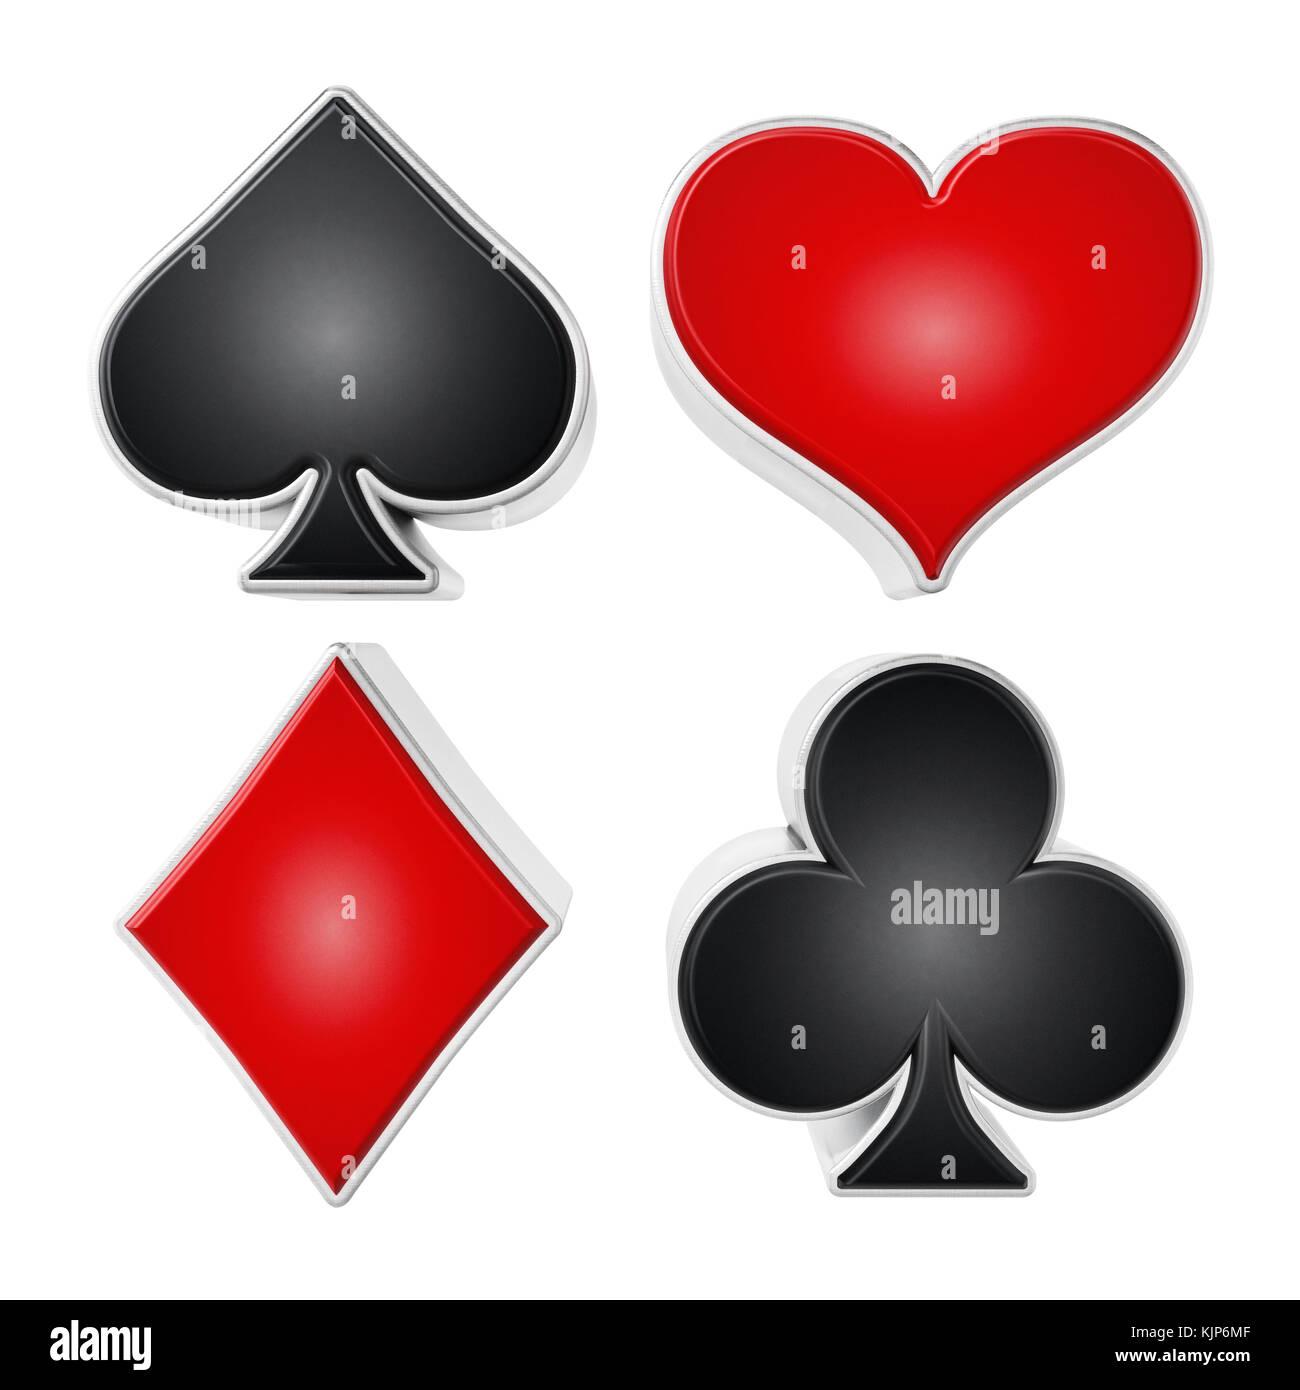 Carta da gioco adatta a simboli isolati su sfondo bianco. 3d'illustrazione. Immagini Stock